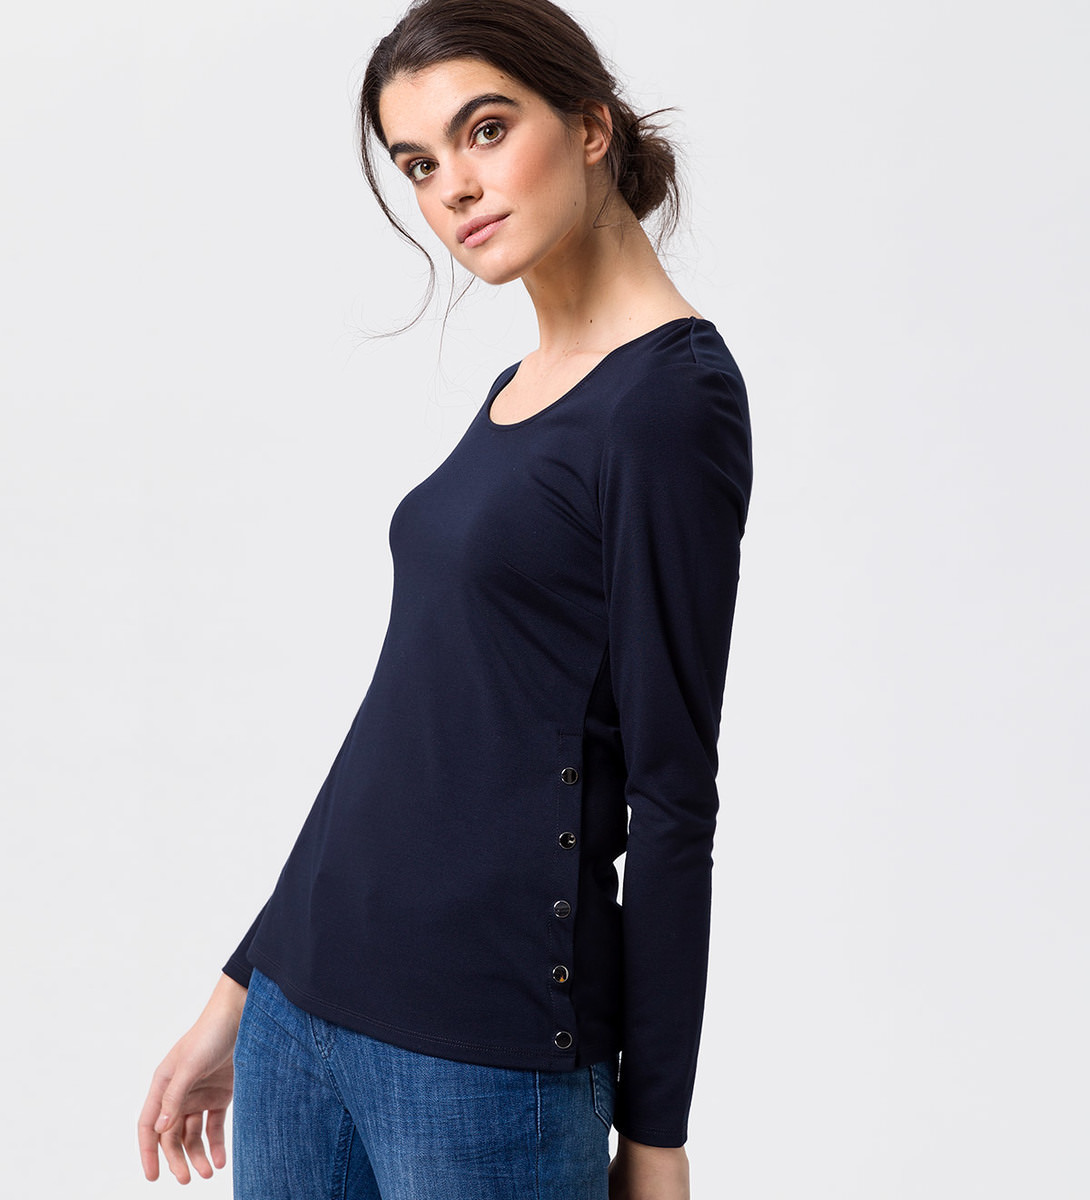 Shirt mit Druckknöpfen an der Seite in blue black